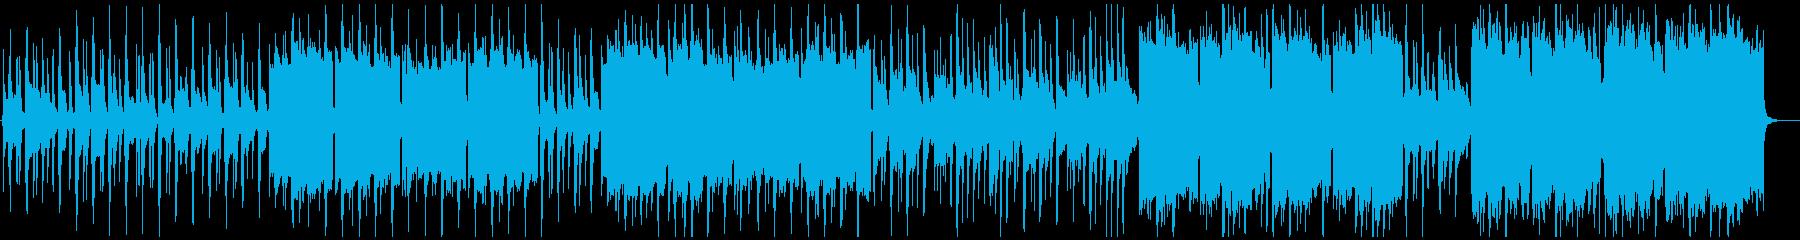 長い歴史を感じる場所へのリュート音源曲の再生済みの波形